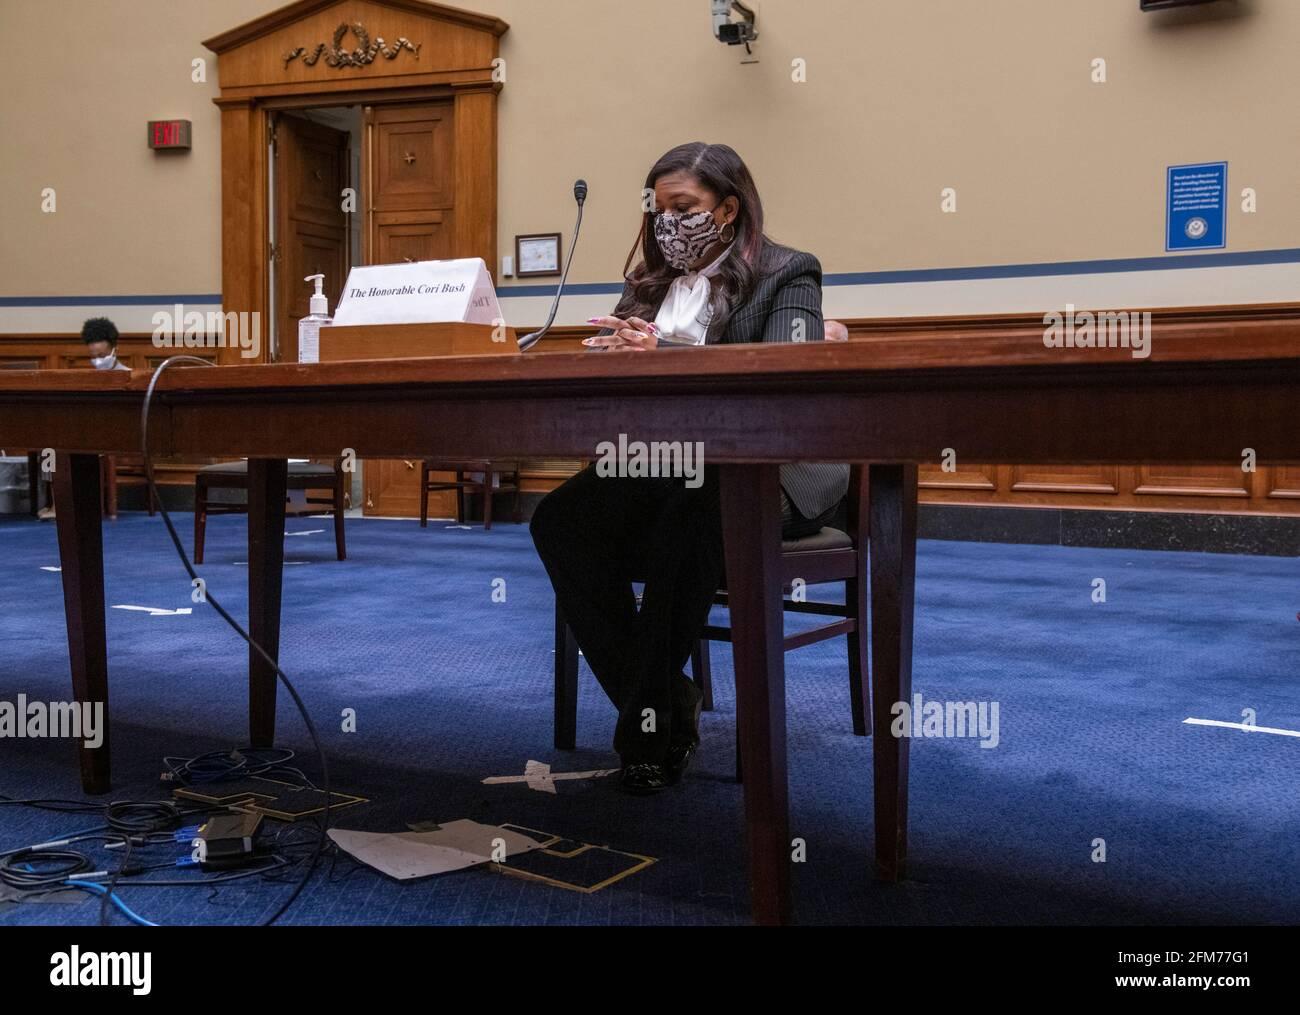 """Washington, Estados Unidos de América. 06th de mayo de 2021. El Representante de los Estados Unidos, Cori Bush (Demócrata de Missouri), comparece ante una audiencia del Comité de Supervisión y Reforma de la Cámara de Representantes """"Birthing While Black: Examining Americas Black Maternal Health Crisis"""" en el edificio de oficinas de Rayburn House en Washington, DC, jueves, 6 de mayo de 2021. Crédito: Rod Lamkey/CNP/Sipa USA Crédito: SIPA USA/Alamy Live News Foto de stock"""